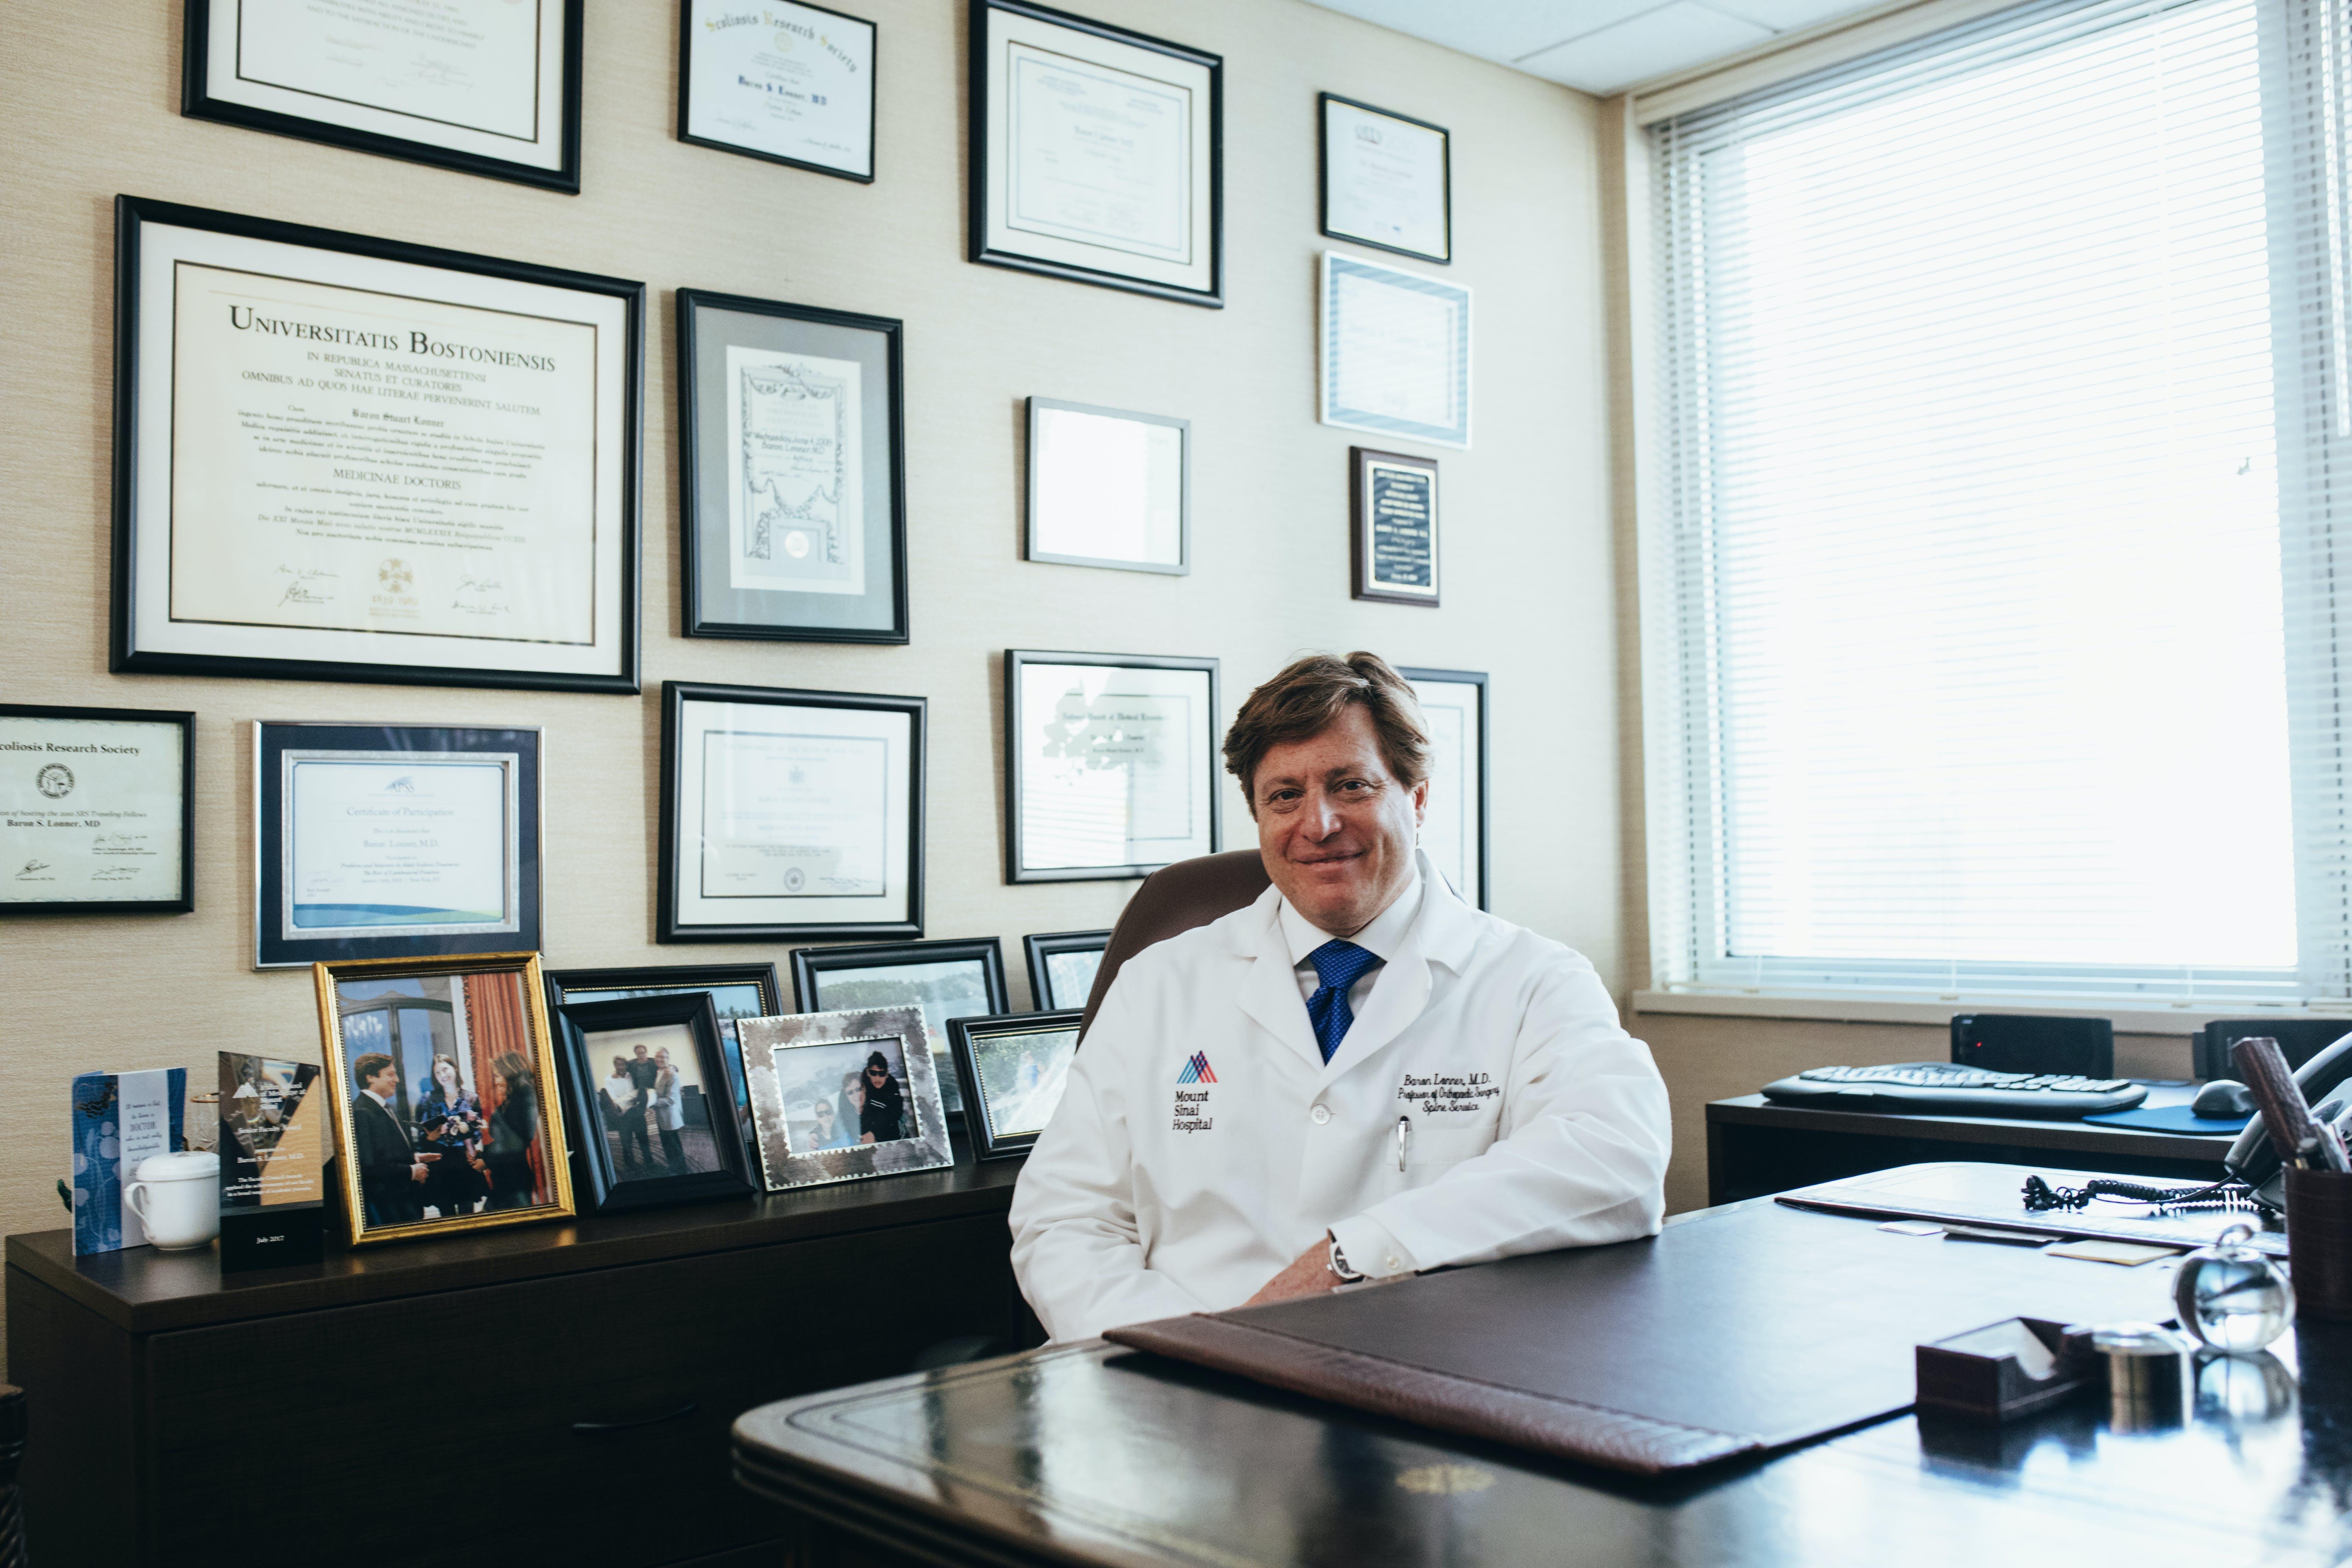 أفضل المستشفيات في الولايات الأمريكية في عام 2022